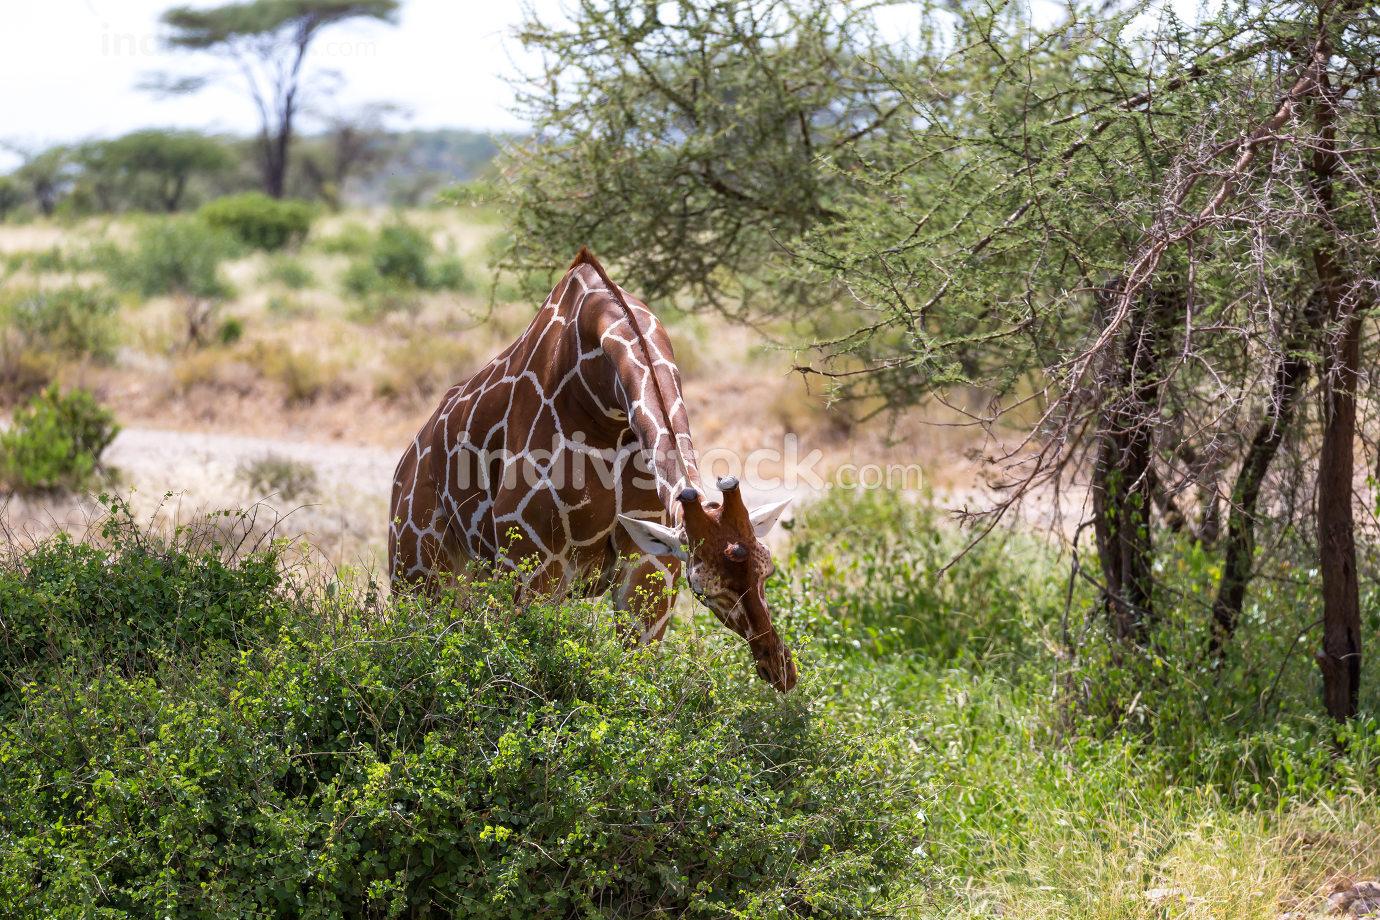 A giraffe eats the leaves of a bush